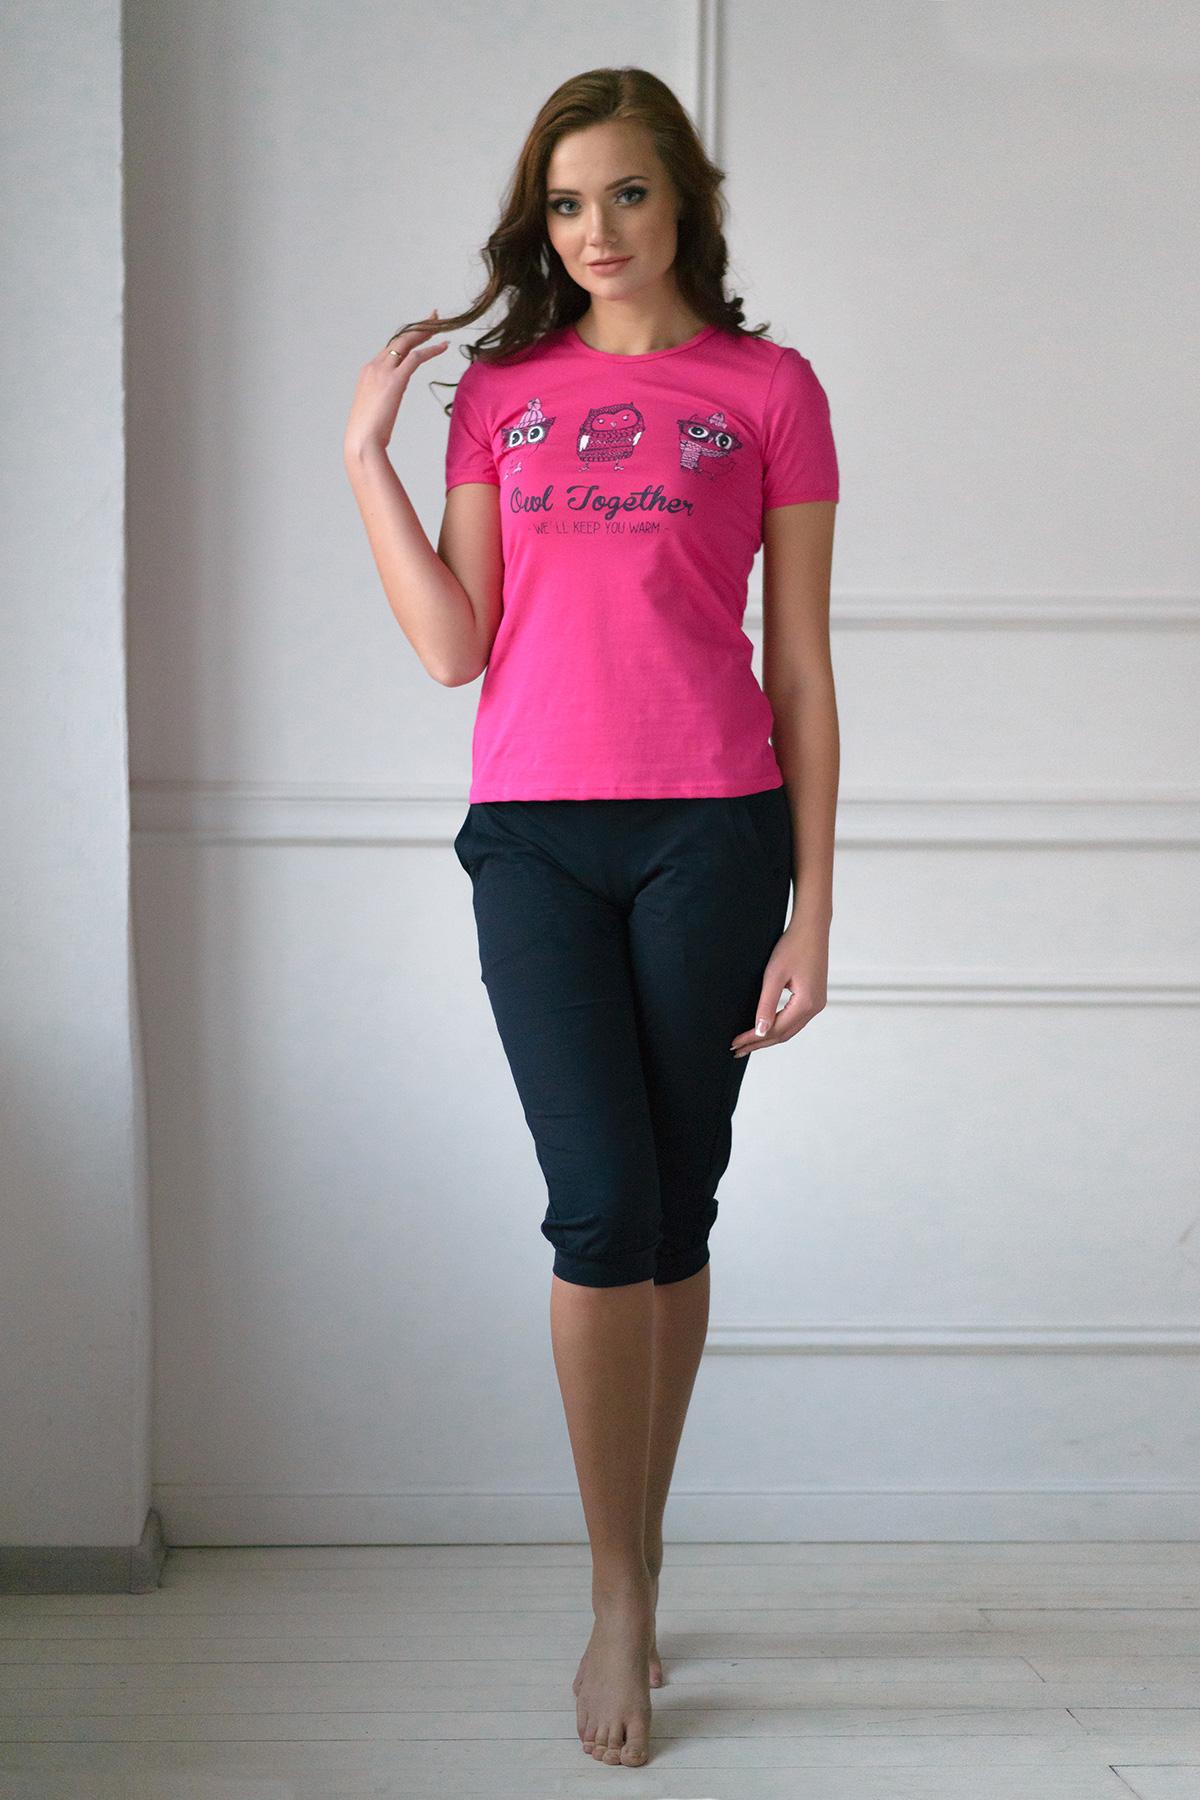 Жен. костюм арт. 19-0100 Малина р. 52Костюмы<br><br><br>Тип: Жен. костюм<br>Размер: 52<br>Материал: Кулирка